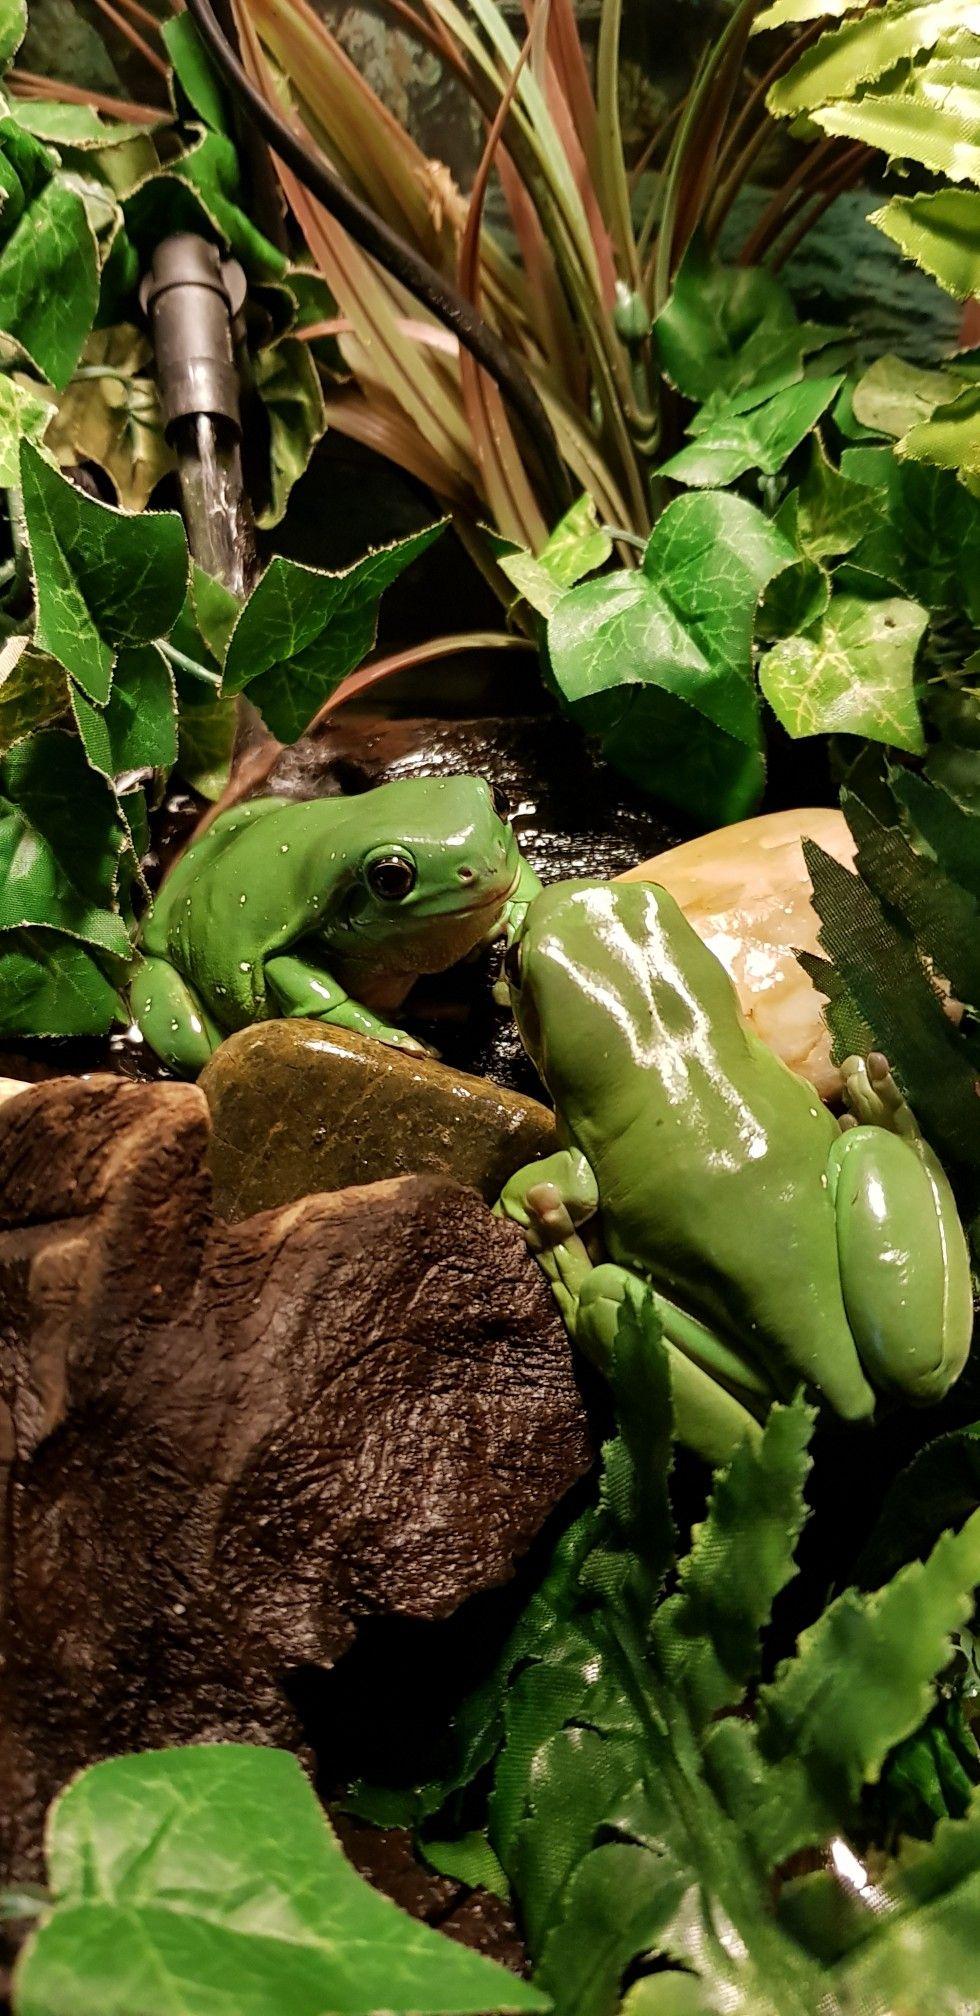 So cute   ranas   Pinterest   Anfibios, Ranas y Hermosa